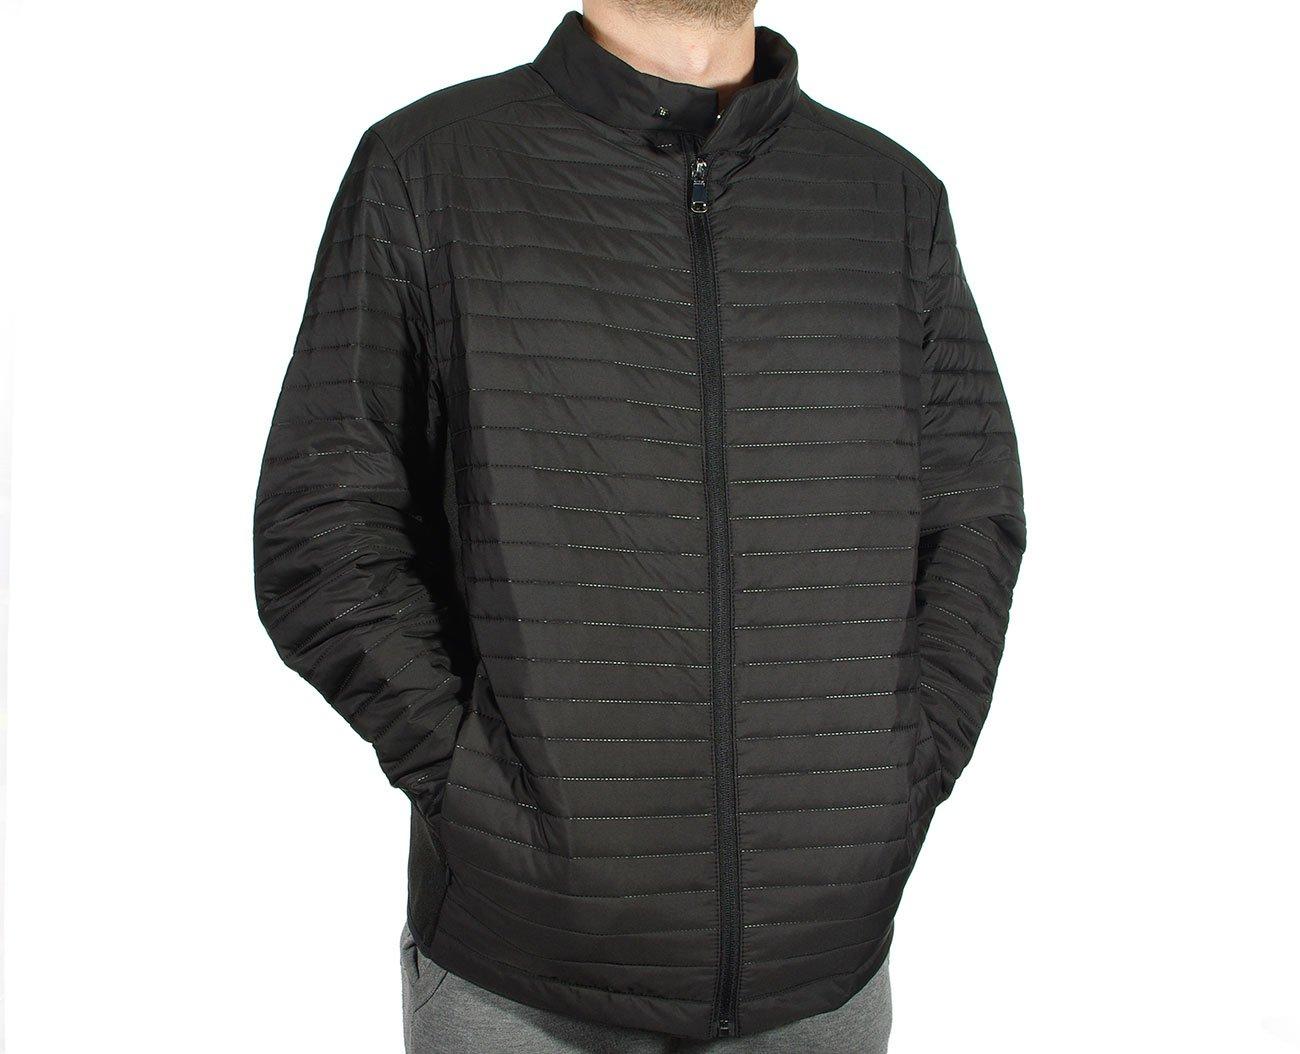 GEOX M8223M kurtka man jacket black